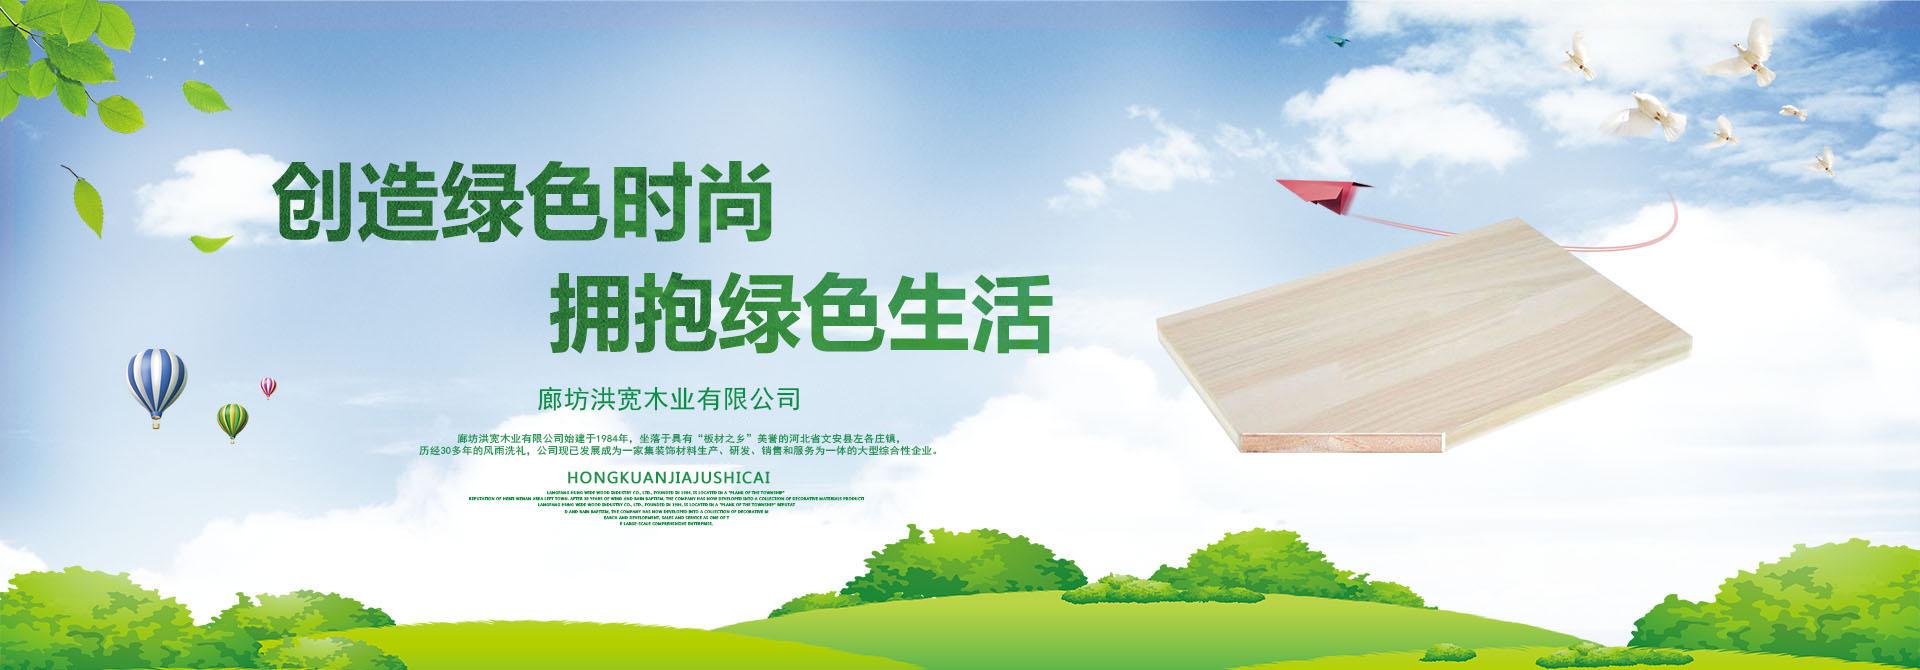 生态板十大品牌,生态板厂家,生态板品牌,新洪宽饰材